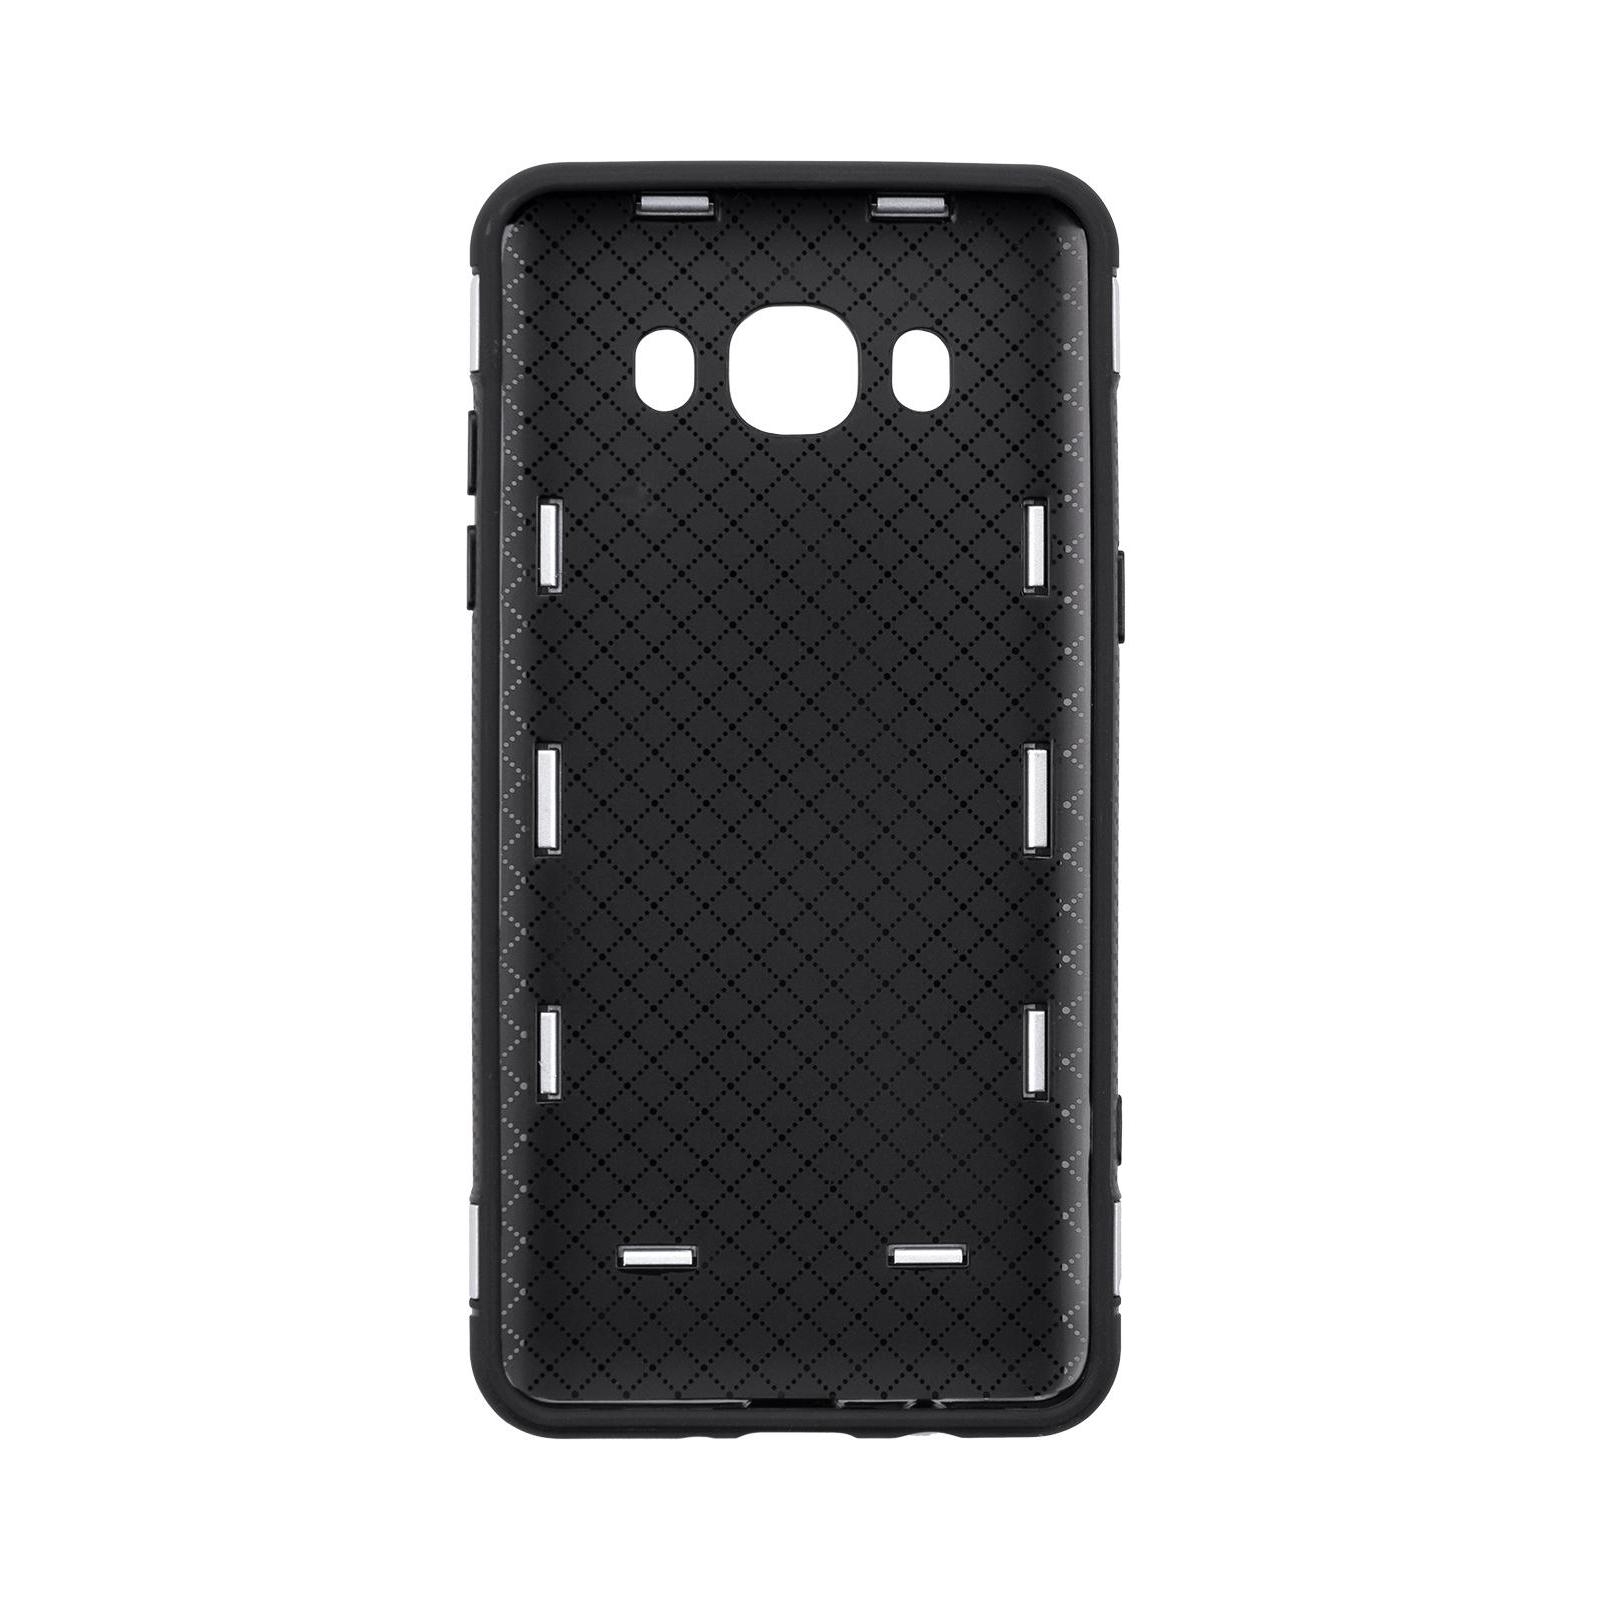 Чехол для моб. телефона Laudtec для Samsung J5 2016/J510 Ring stand (silver) (LR-J510-SR) изображение 9